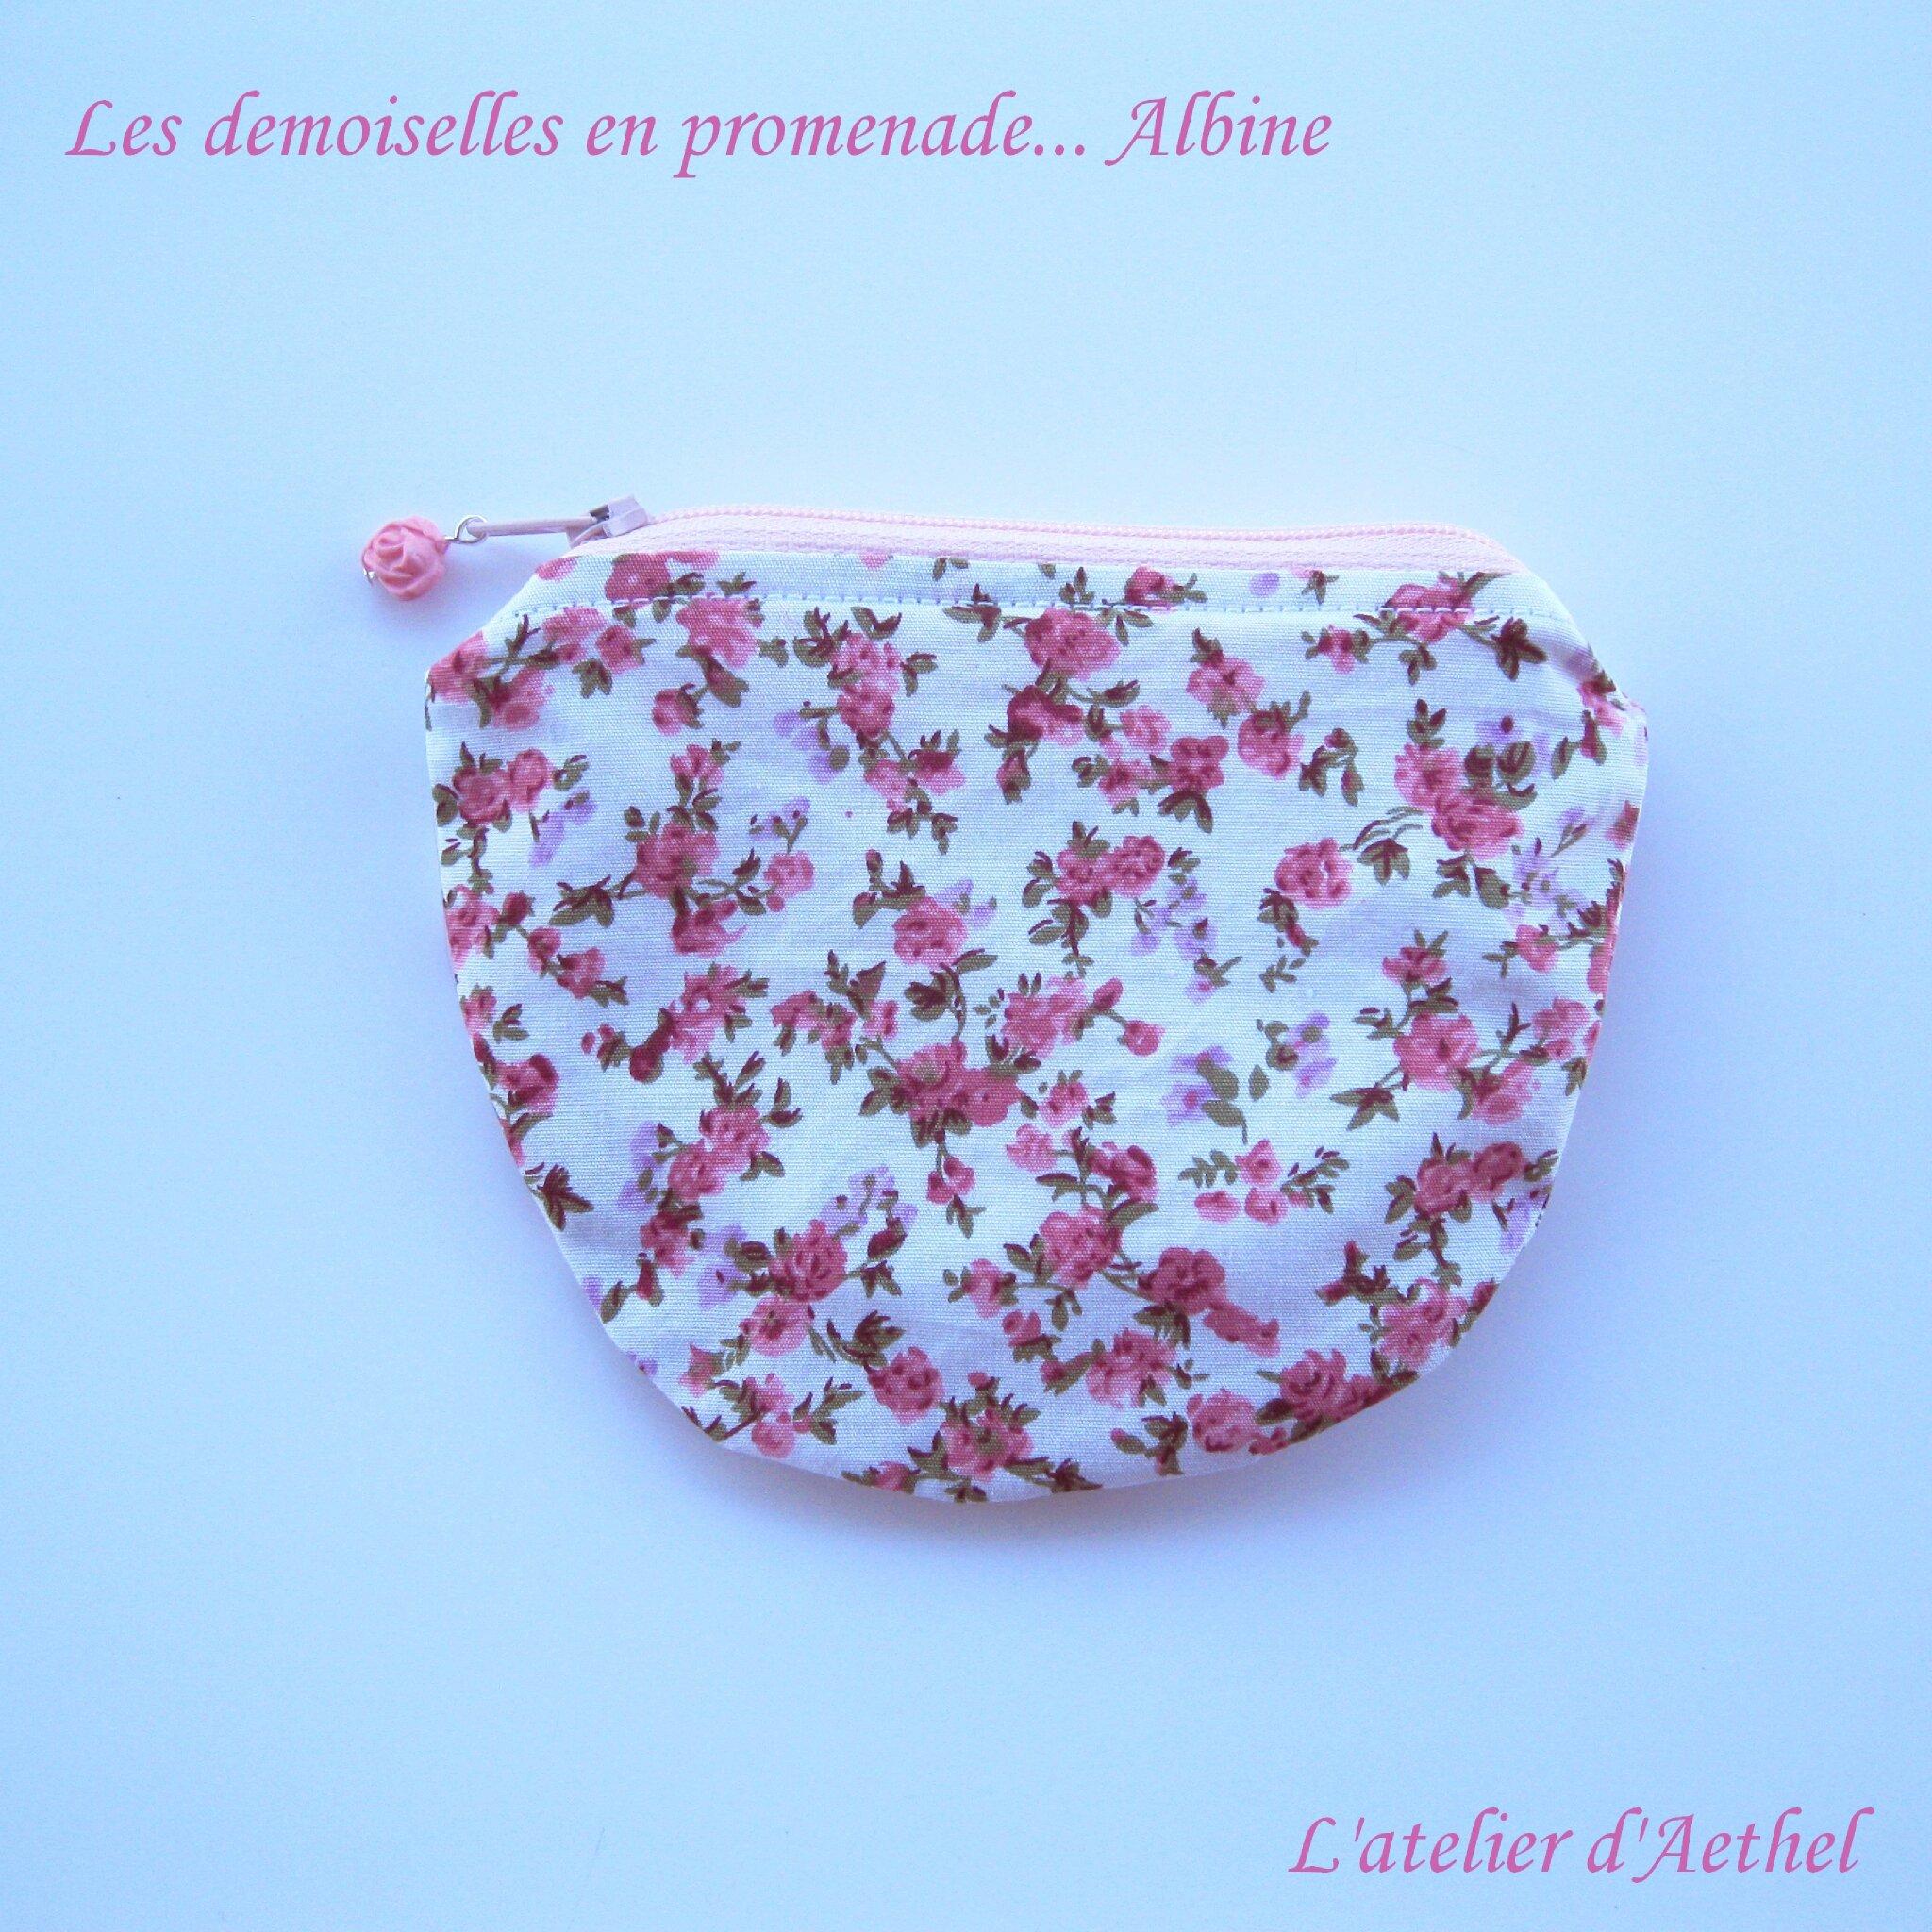 Porte-monnaie Albine, tissu à fleurs rose